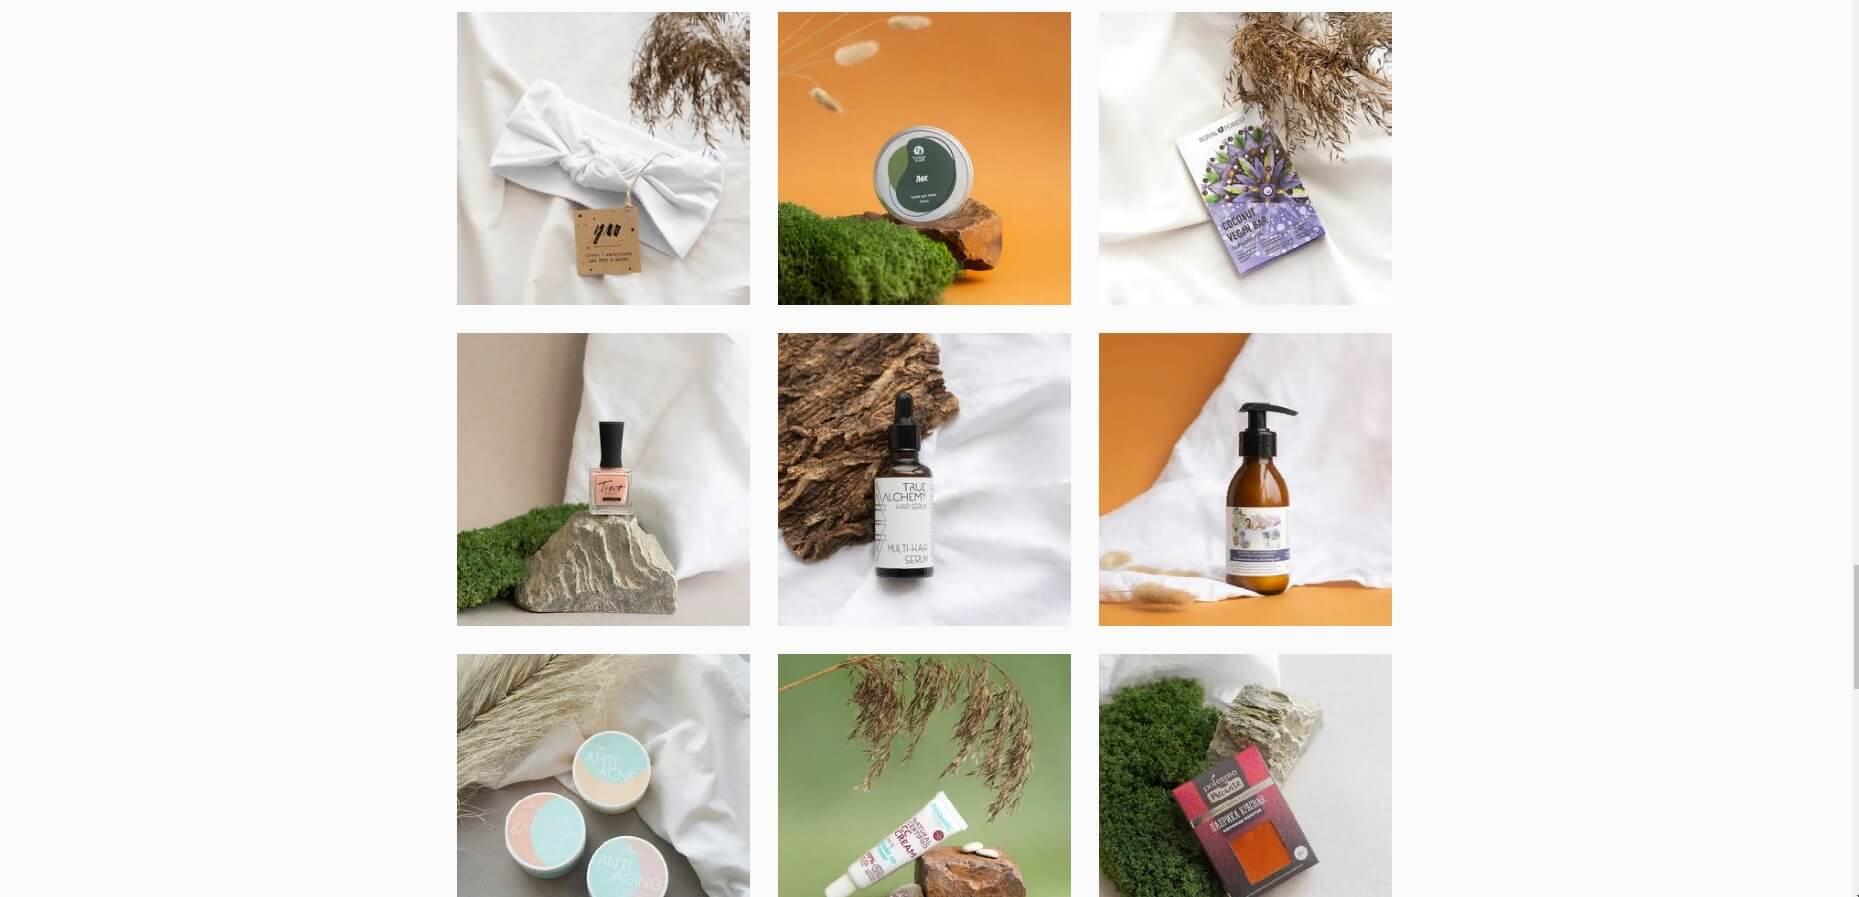 Магазин myavocadobox продает эко-товары, и в оформлении фото использует природные материалы и для фонов приглушенные натуральные цвета